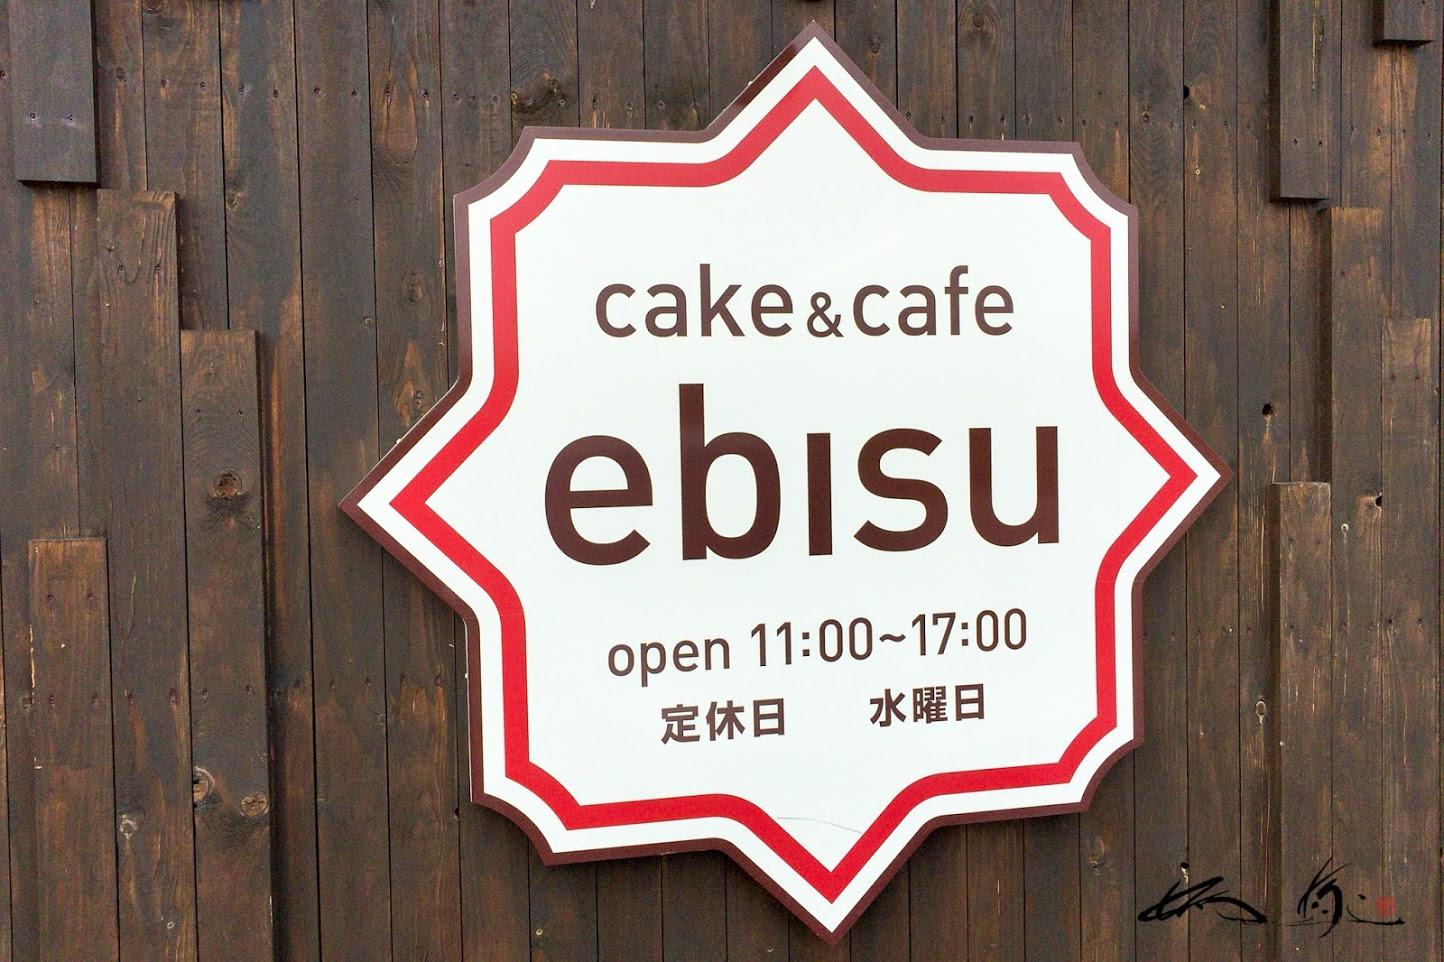 Cake & Cafe 笑飛巣(えびす・砂川市)のポークチャップにびっくり!